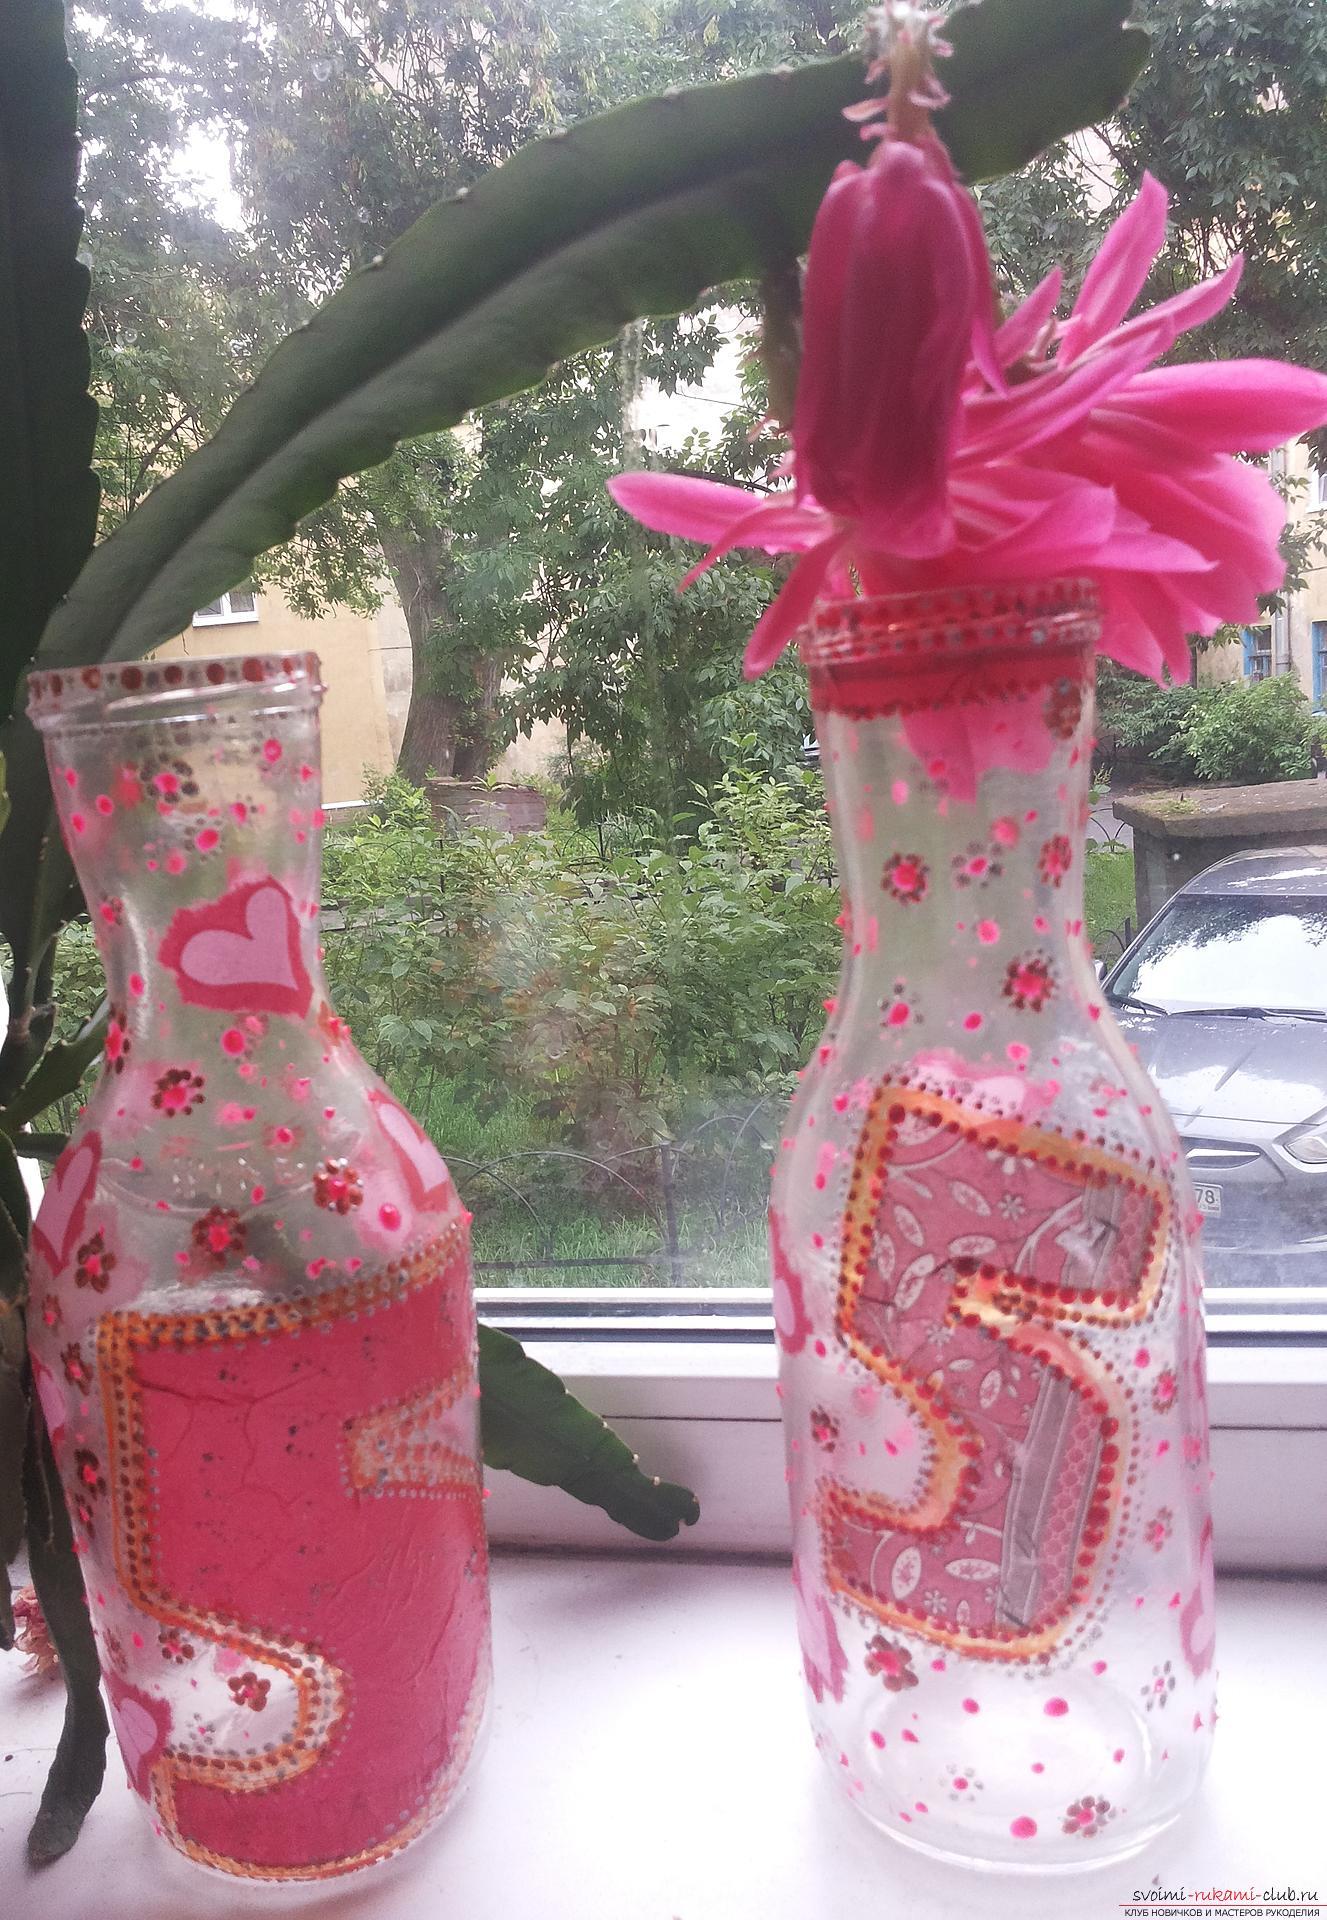 Як оригінально оформити скляні пляшки і банки, зробивши незвичайний подарунок. фото №7